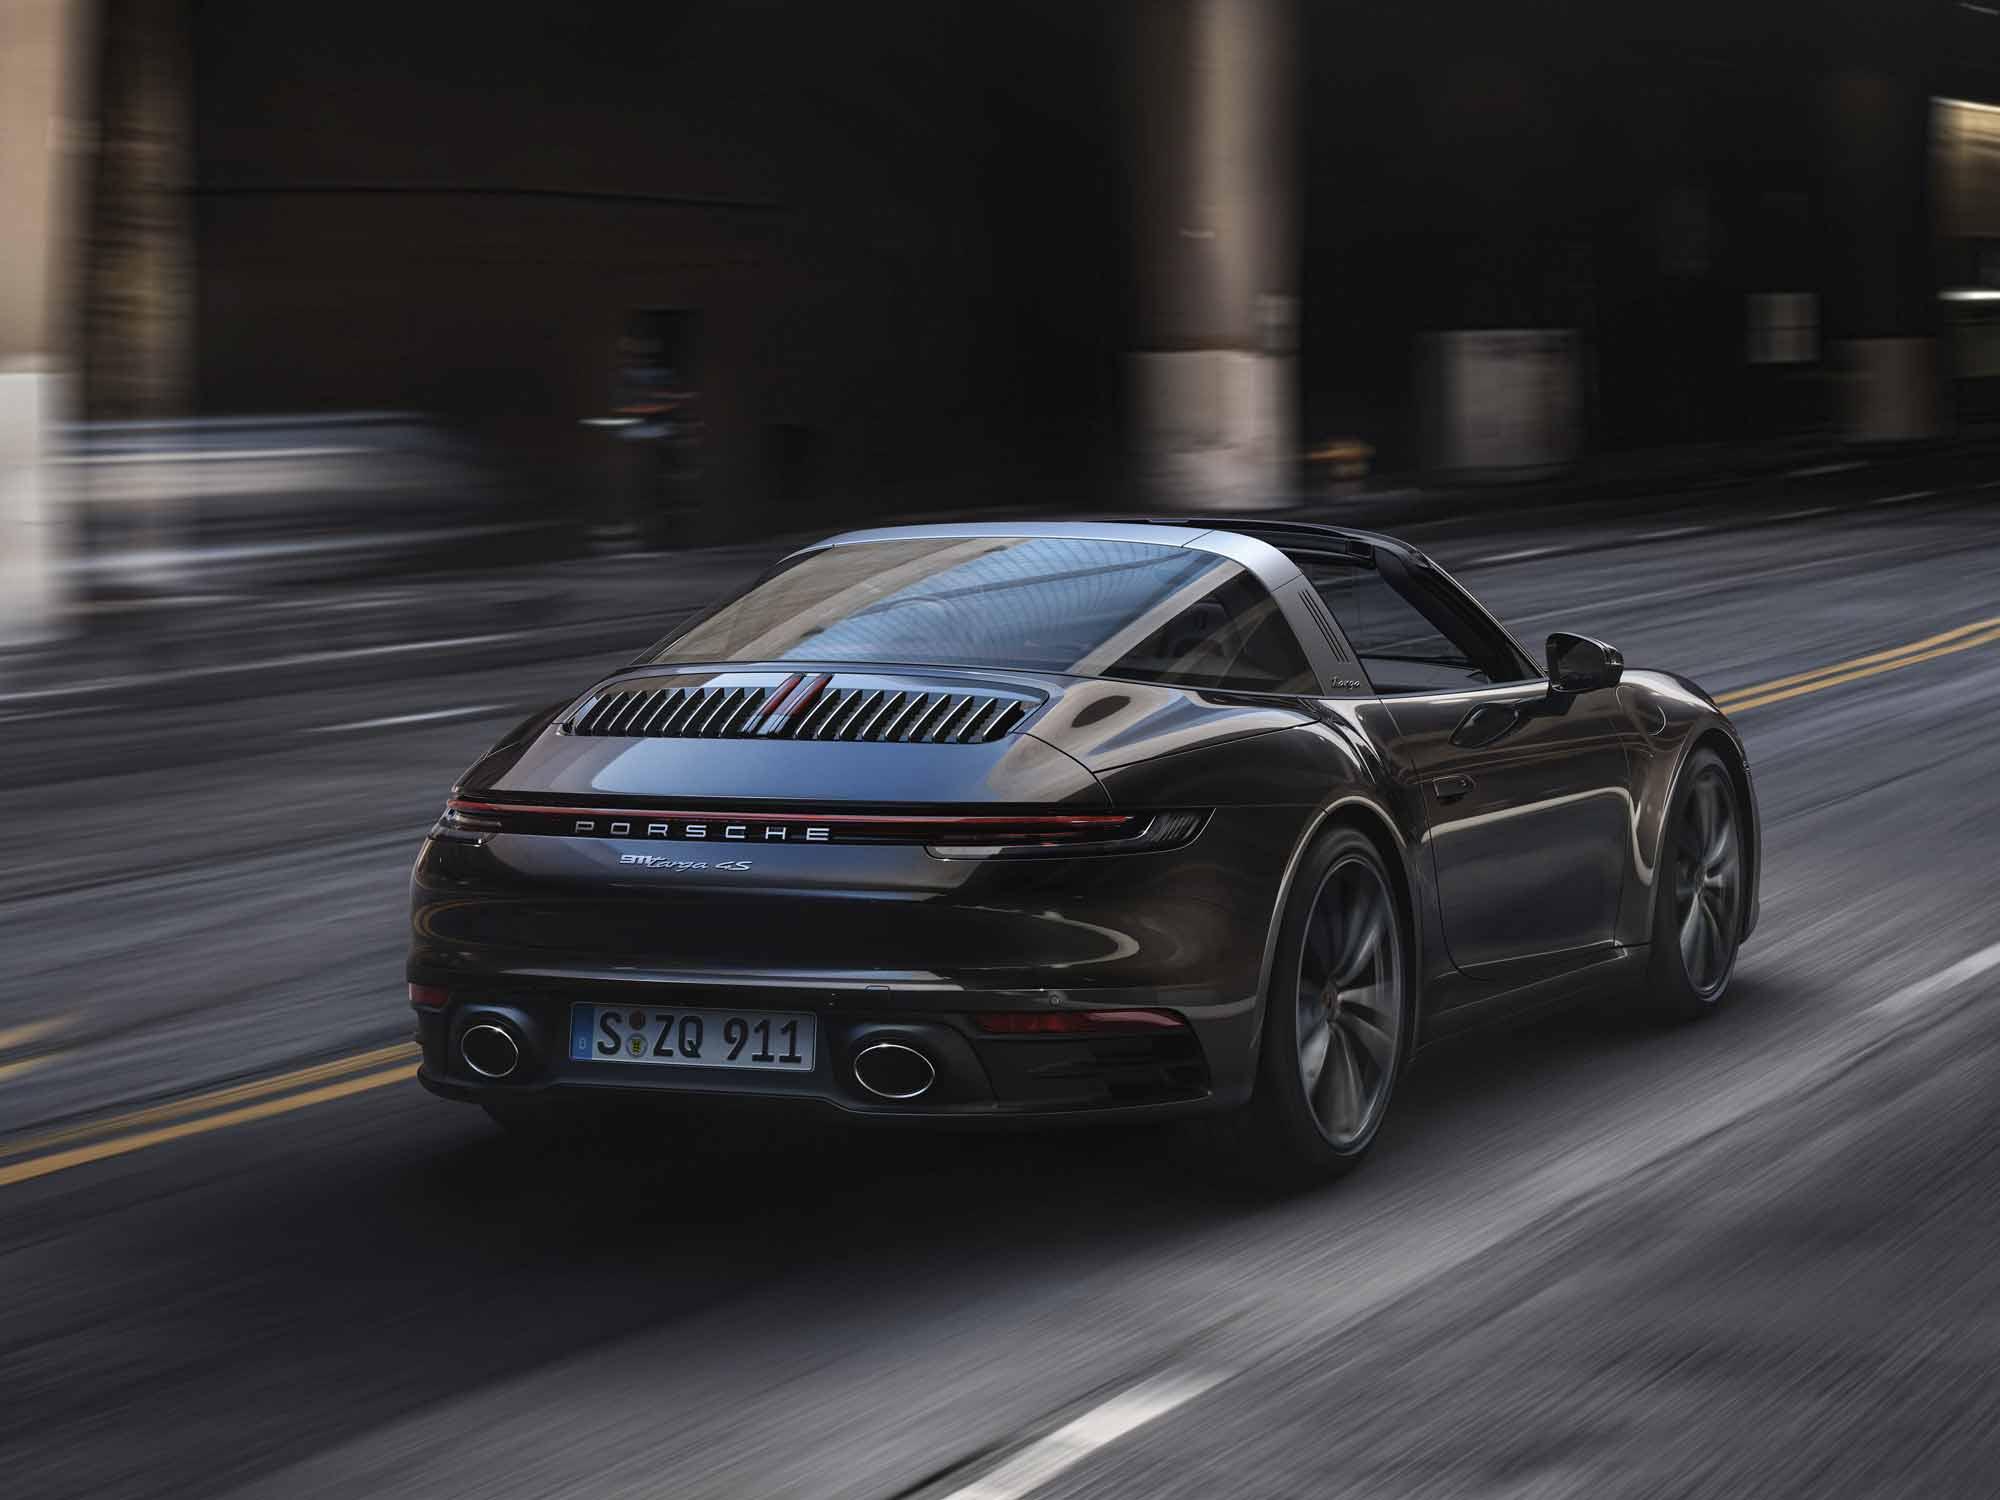 Retro Nuova Porsche 911 Targa